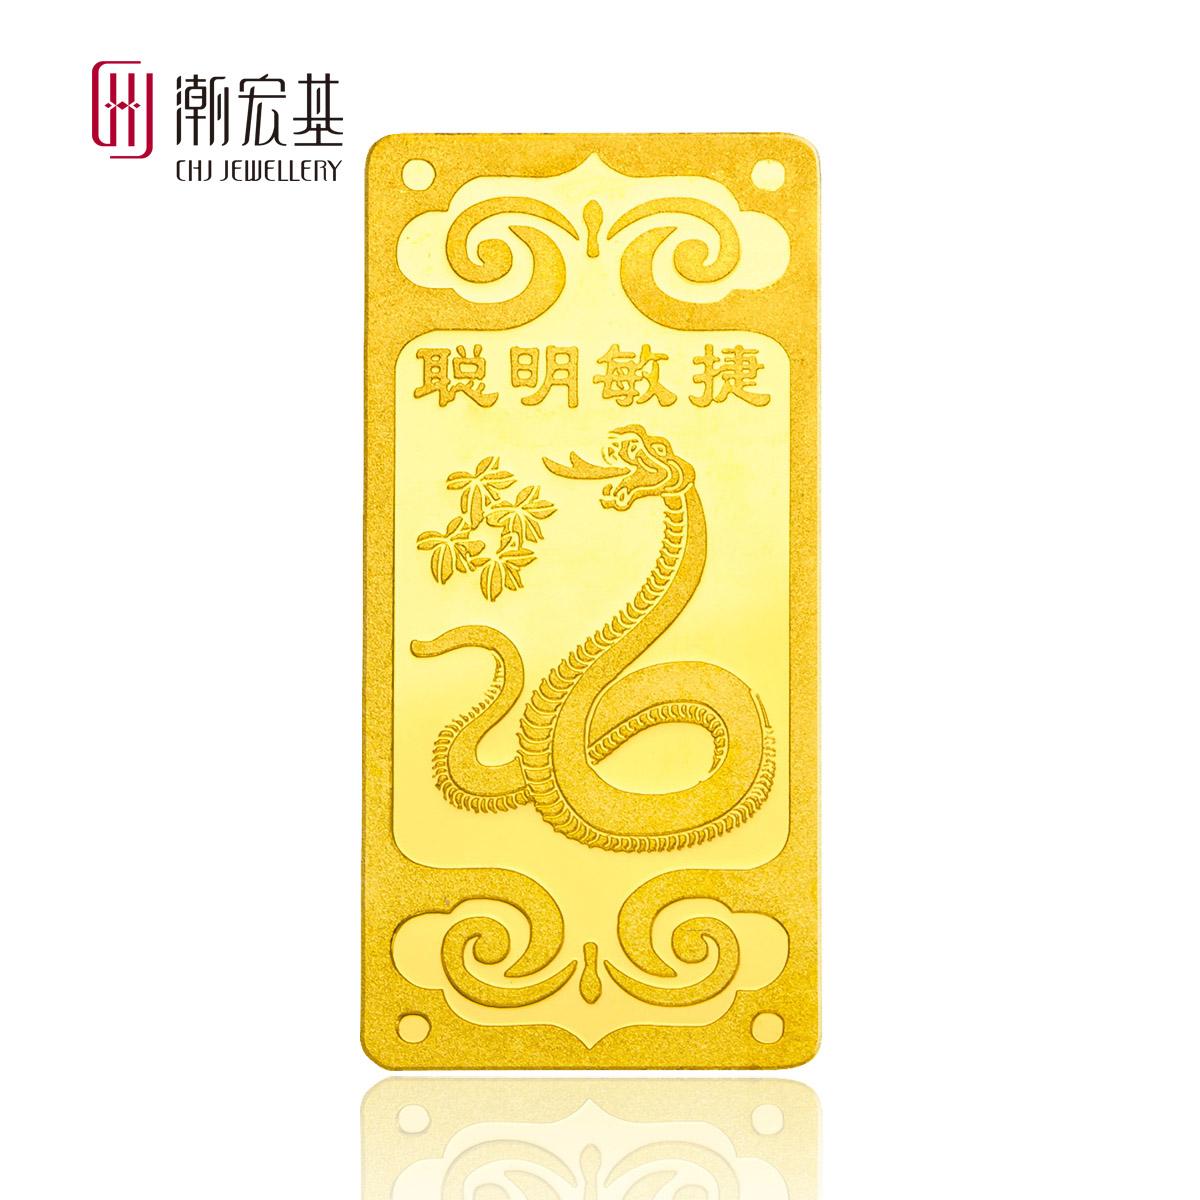 潮宏基官方正品 今肖富贵 5克黄金/足金金条 投资保值金条GB5.20